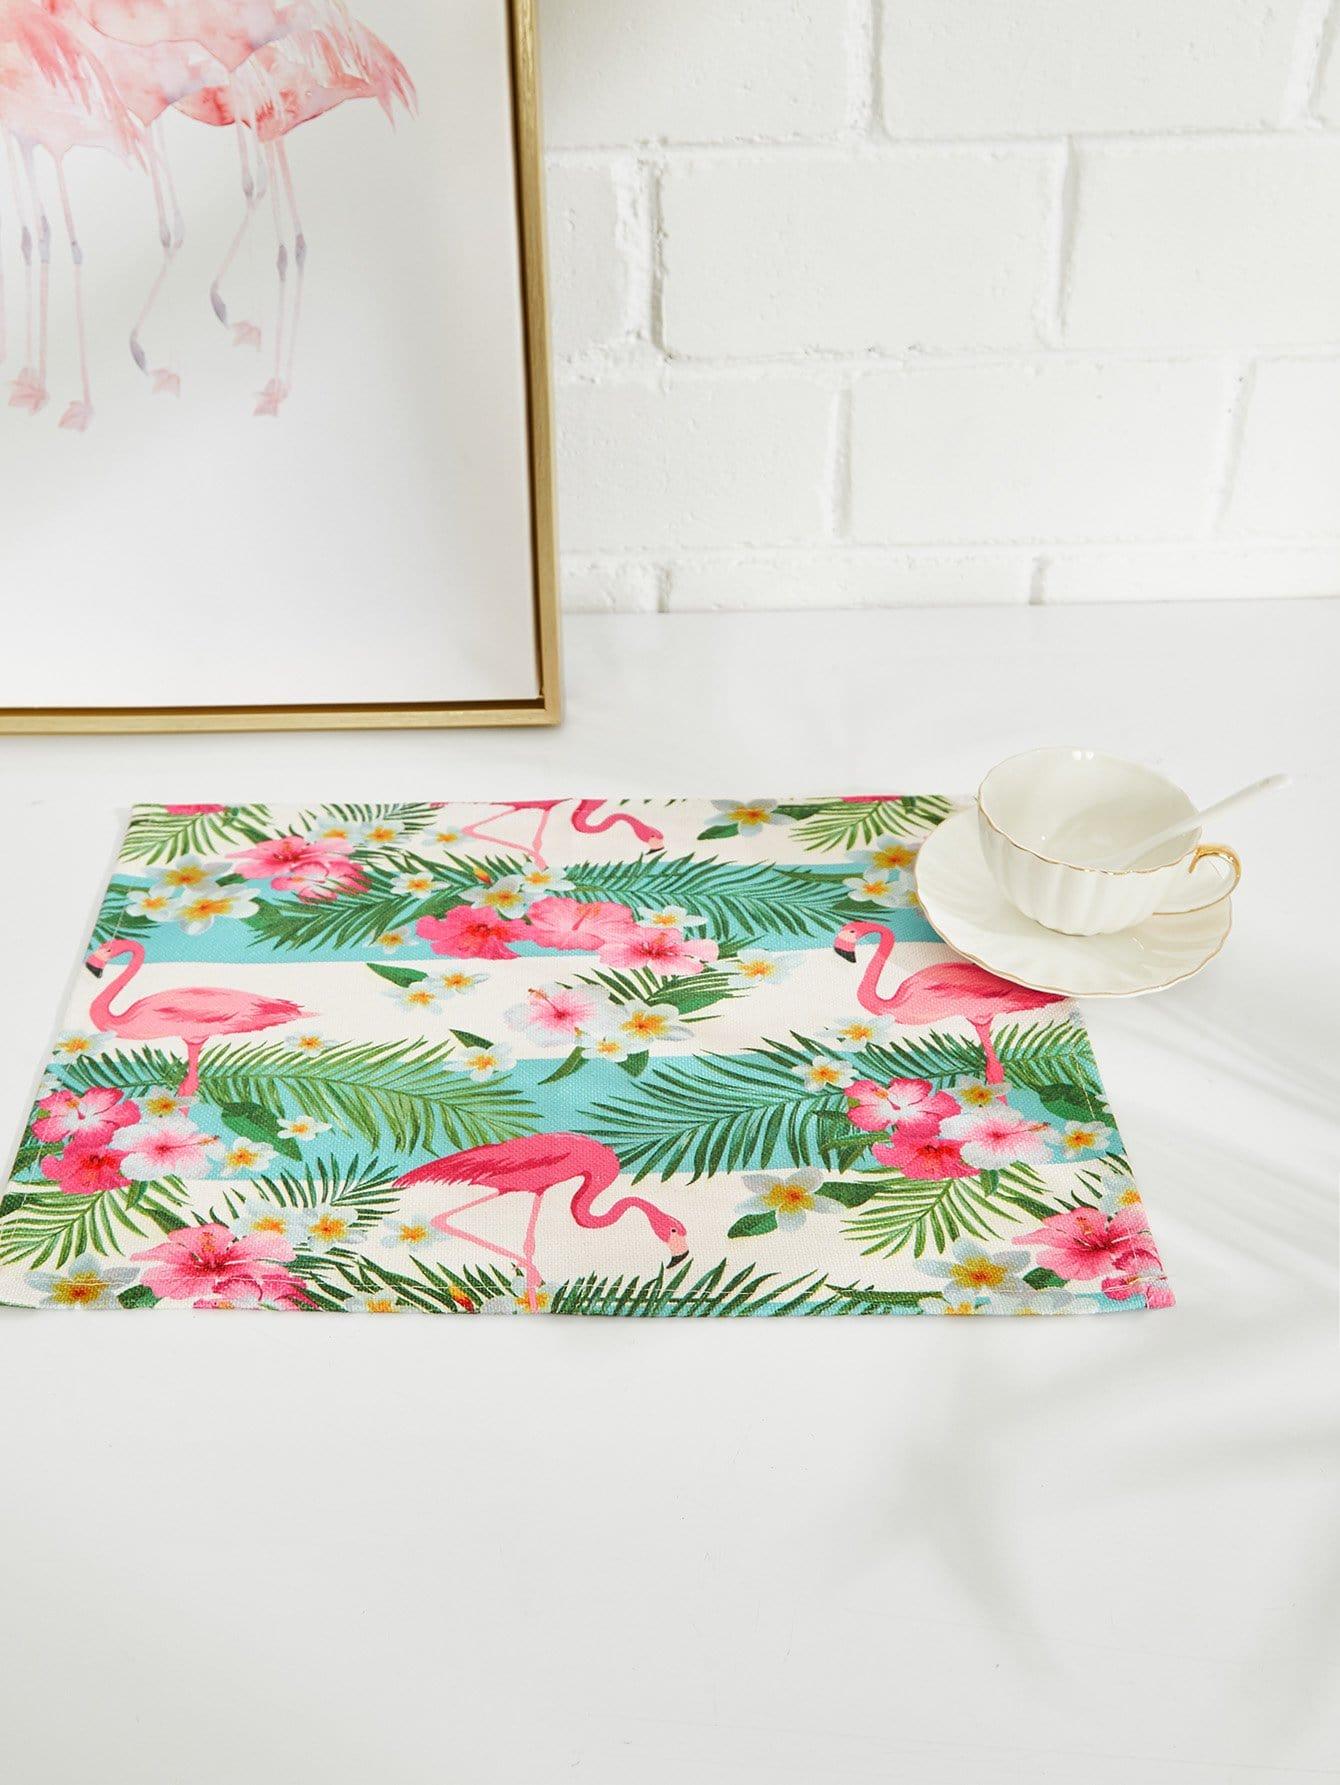 Tropical & Flamingo Placement flamingo linen placement